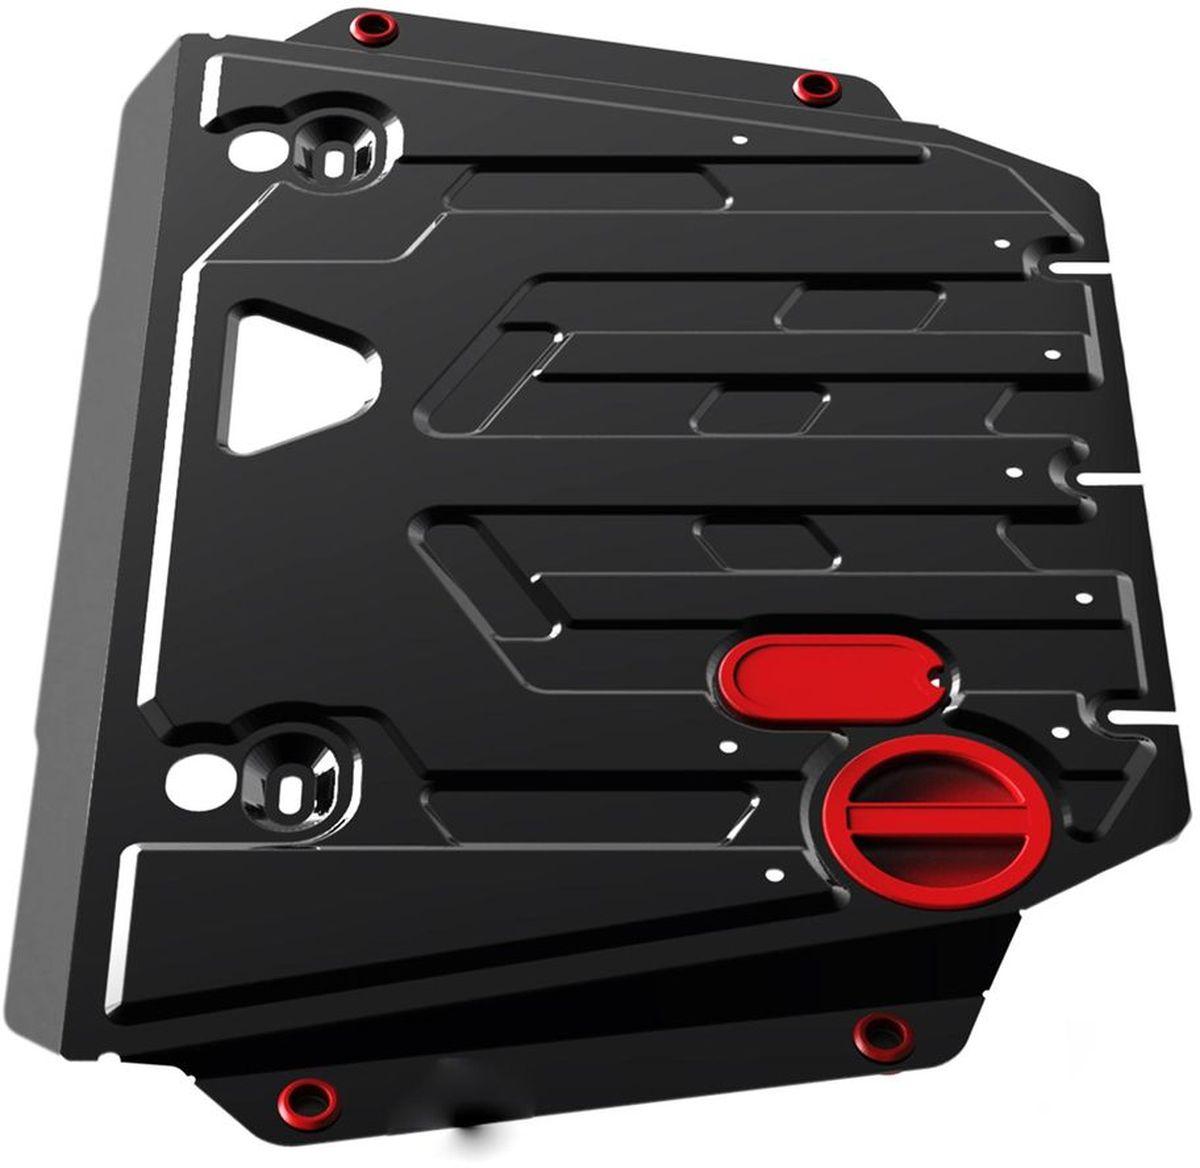 Защита картера и КПП Автоброня Ford Grand C-Max 2010-, сталь 2 мм111.01826.1Защита картера и КПП Автоброня Ford Grand C-Max, V - 1,6 2010-, сталь 2 мм, комплект крепежа, 111.01826.1Стальные защиты Автоброня надежно защищают ваш автомобиль от повреждений при наезде на бордюры, выступающие канализационные люки, кромки поврежденного асфальта или при ремонте дорог, не говоря уже о загородных дорогах.- Имеют оптимальное соотношение цена-качество.- Спроектированы с учетом особенностей автомобиля, что делает установку удобной.- Защита устанавливается в штатные места кузова автомобиля.- Является надежной защитой для важных элементов на протяжении долгих лет.- Глубокий штамп дополнительно усиливает конструкцию защиты.- Подштамповка в местах крепления защищает крепеж от срезания.- Технологические отверстия там, где они необходимы для смены масла и слива воды, оборудованные заглушками, закрепленными на защите.Толщина стали 2 мм.В комплекте крепеж и инструкция по установке.Уважаемые клиенты!Обращаем ваше внимание на тот факт, что защита имеет форму, соответствующую модели данного автомобиля. Наличие глубокого штампа и лючков для смены фильтров/масла предусмотрено не на всех защитах. Фото служит для визуального восприятия товара.